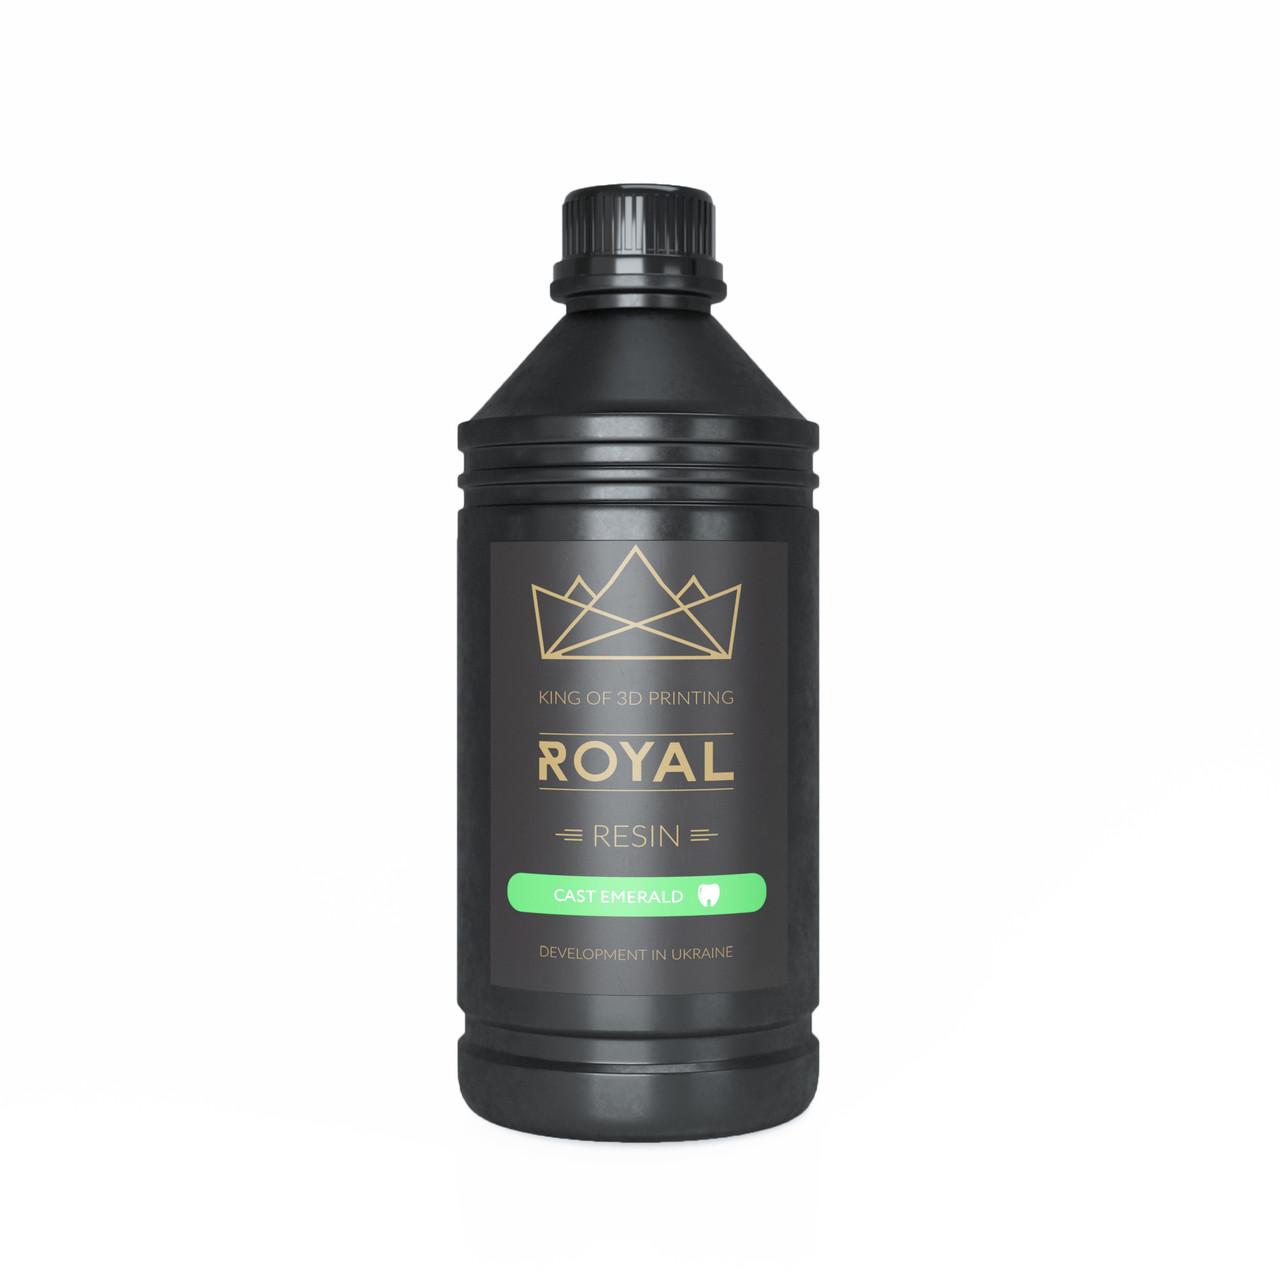 Royal Resin: Cast Emerald Dental - cтоматологічний вигораємий 1л FORM